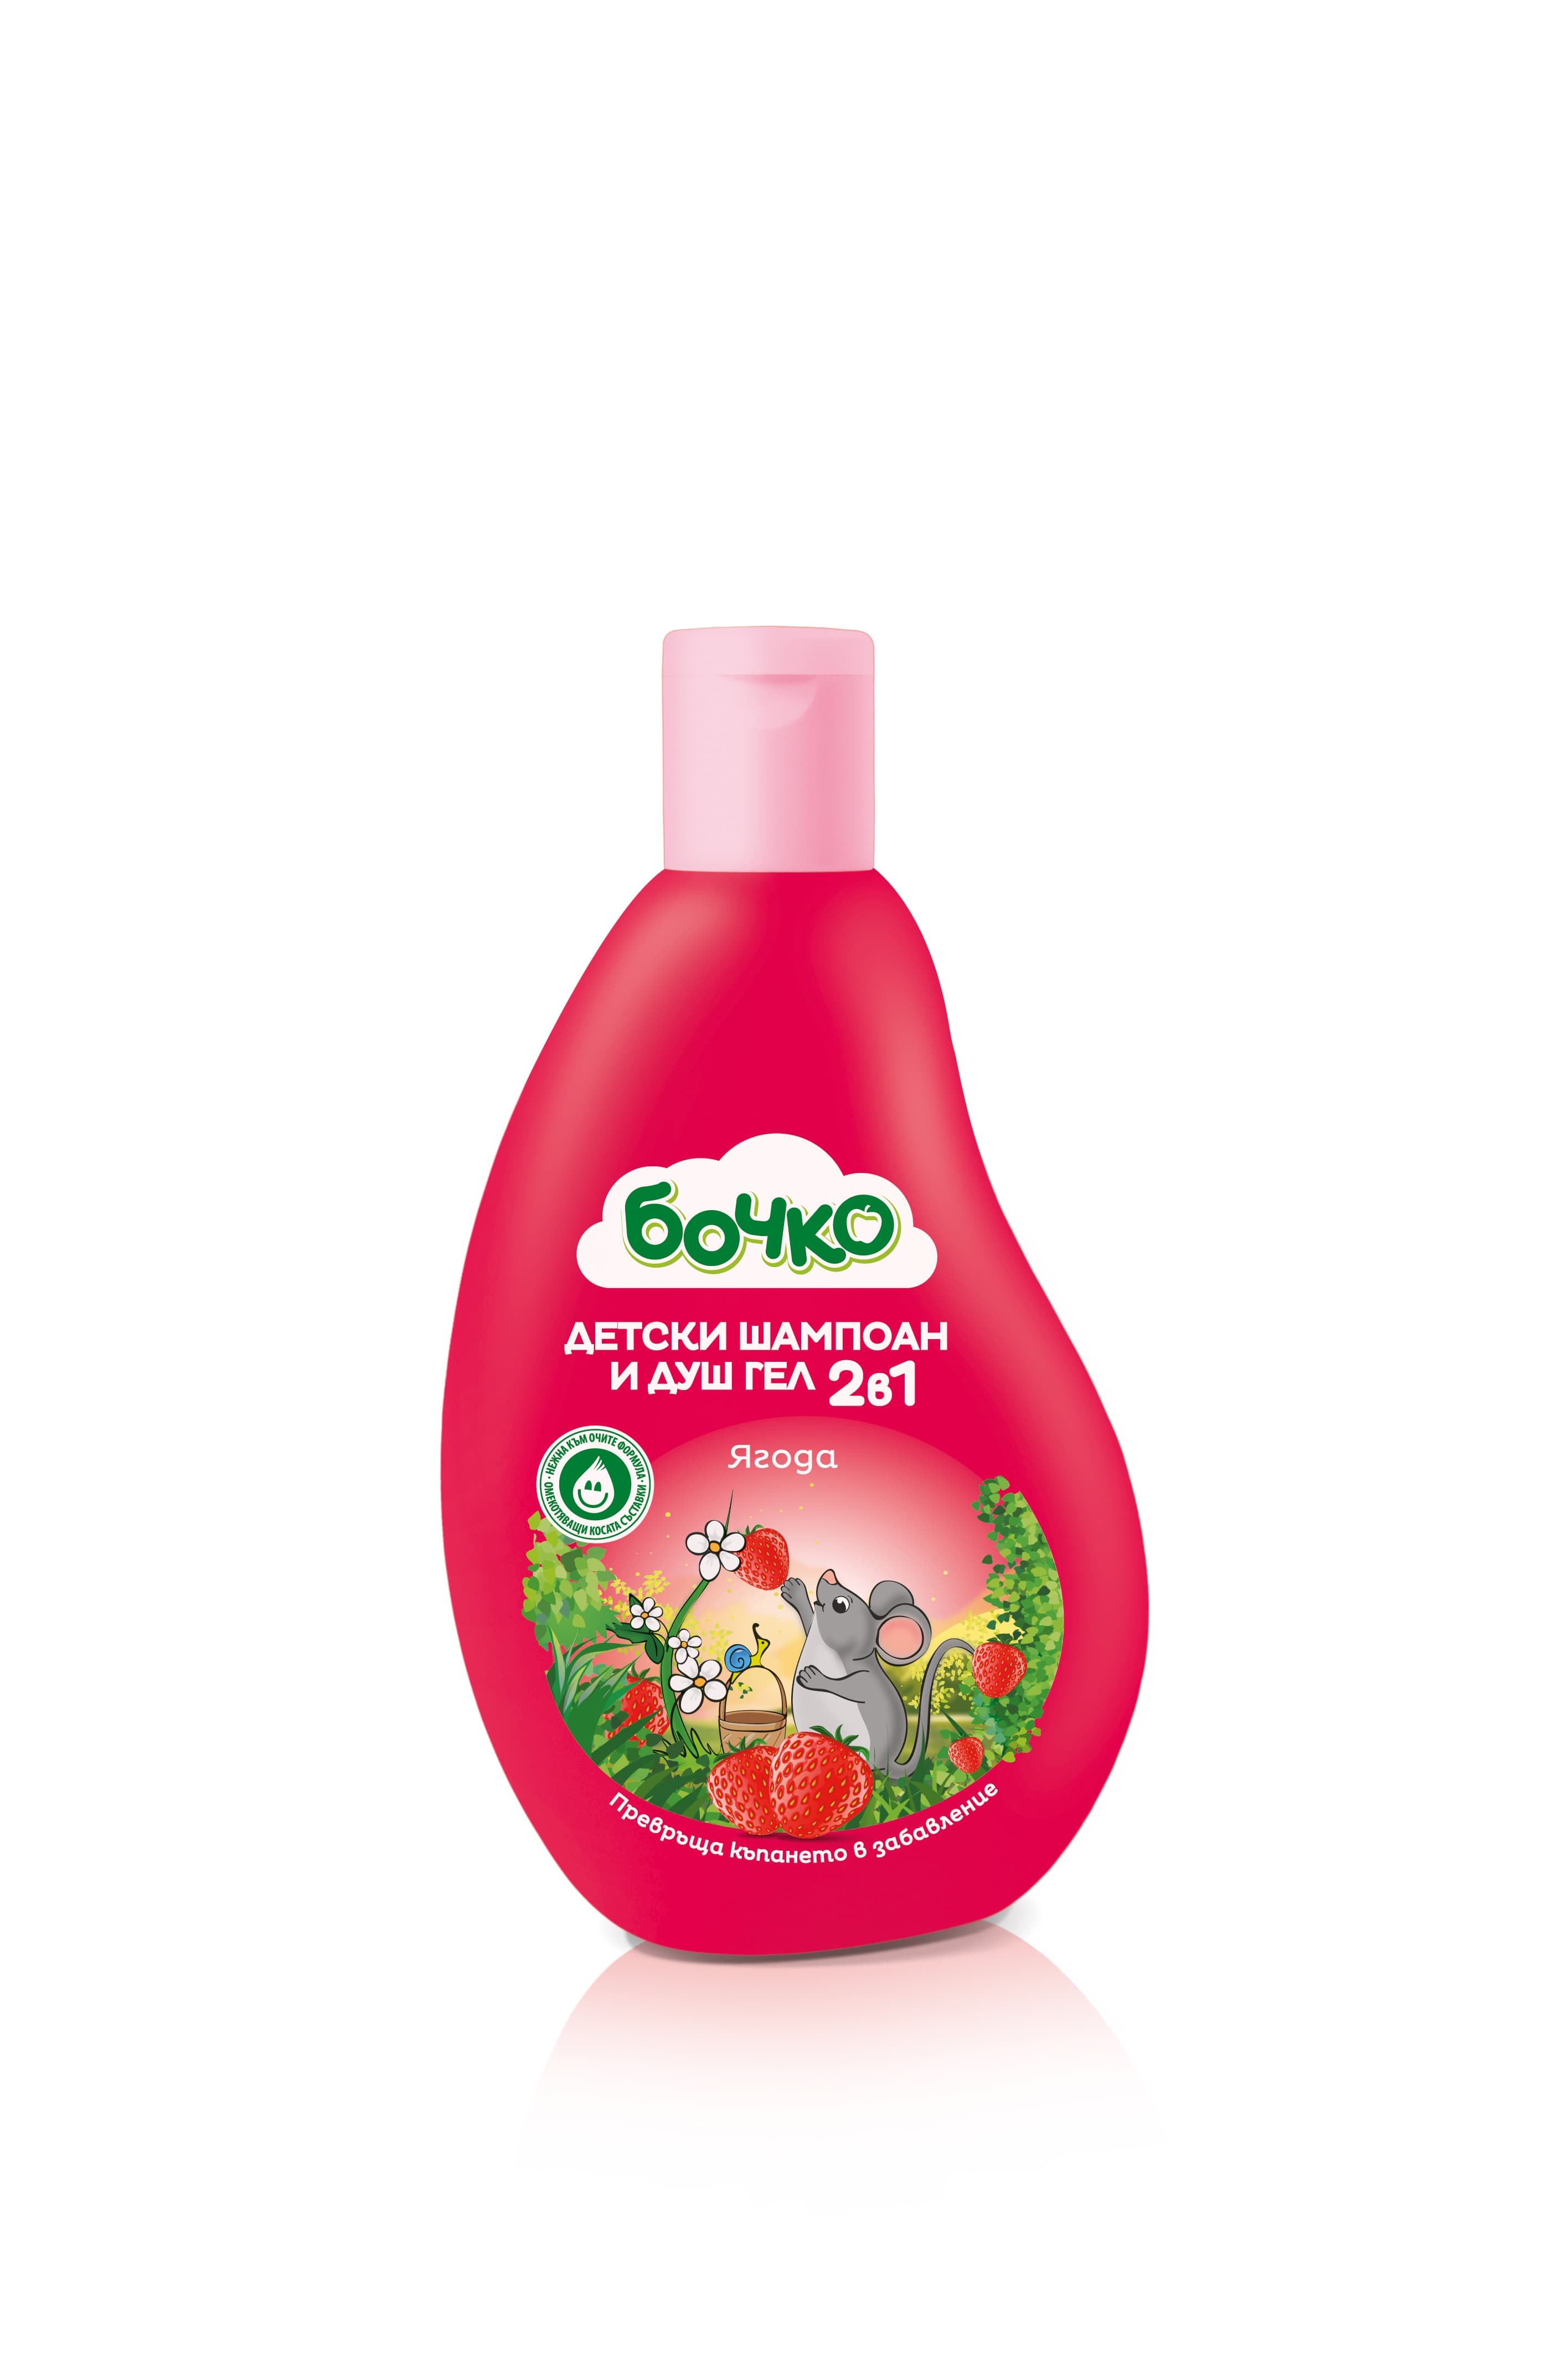 Бочко-Шампоан и душ гел 2в1 ягода